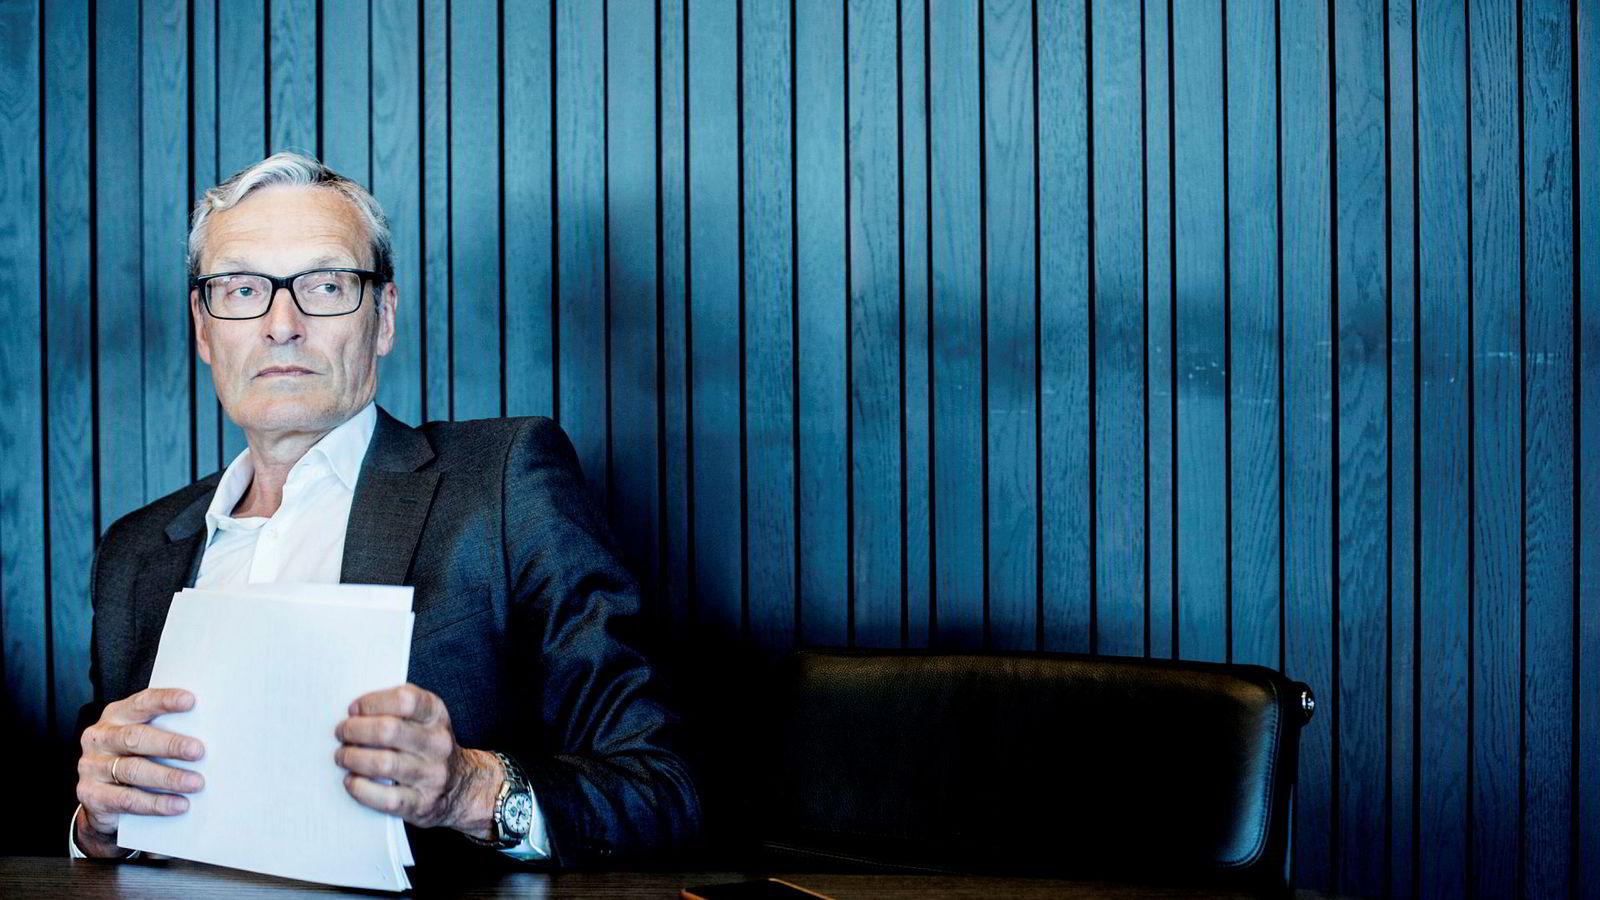 Leiv Askvig er administrerende direktør i Sundt-søsknenes investeringsselskap Sundt as.